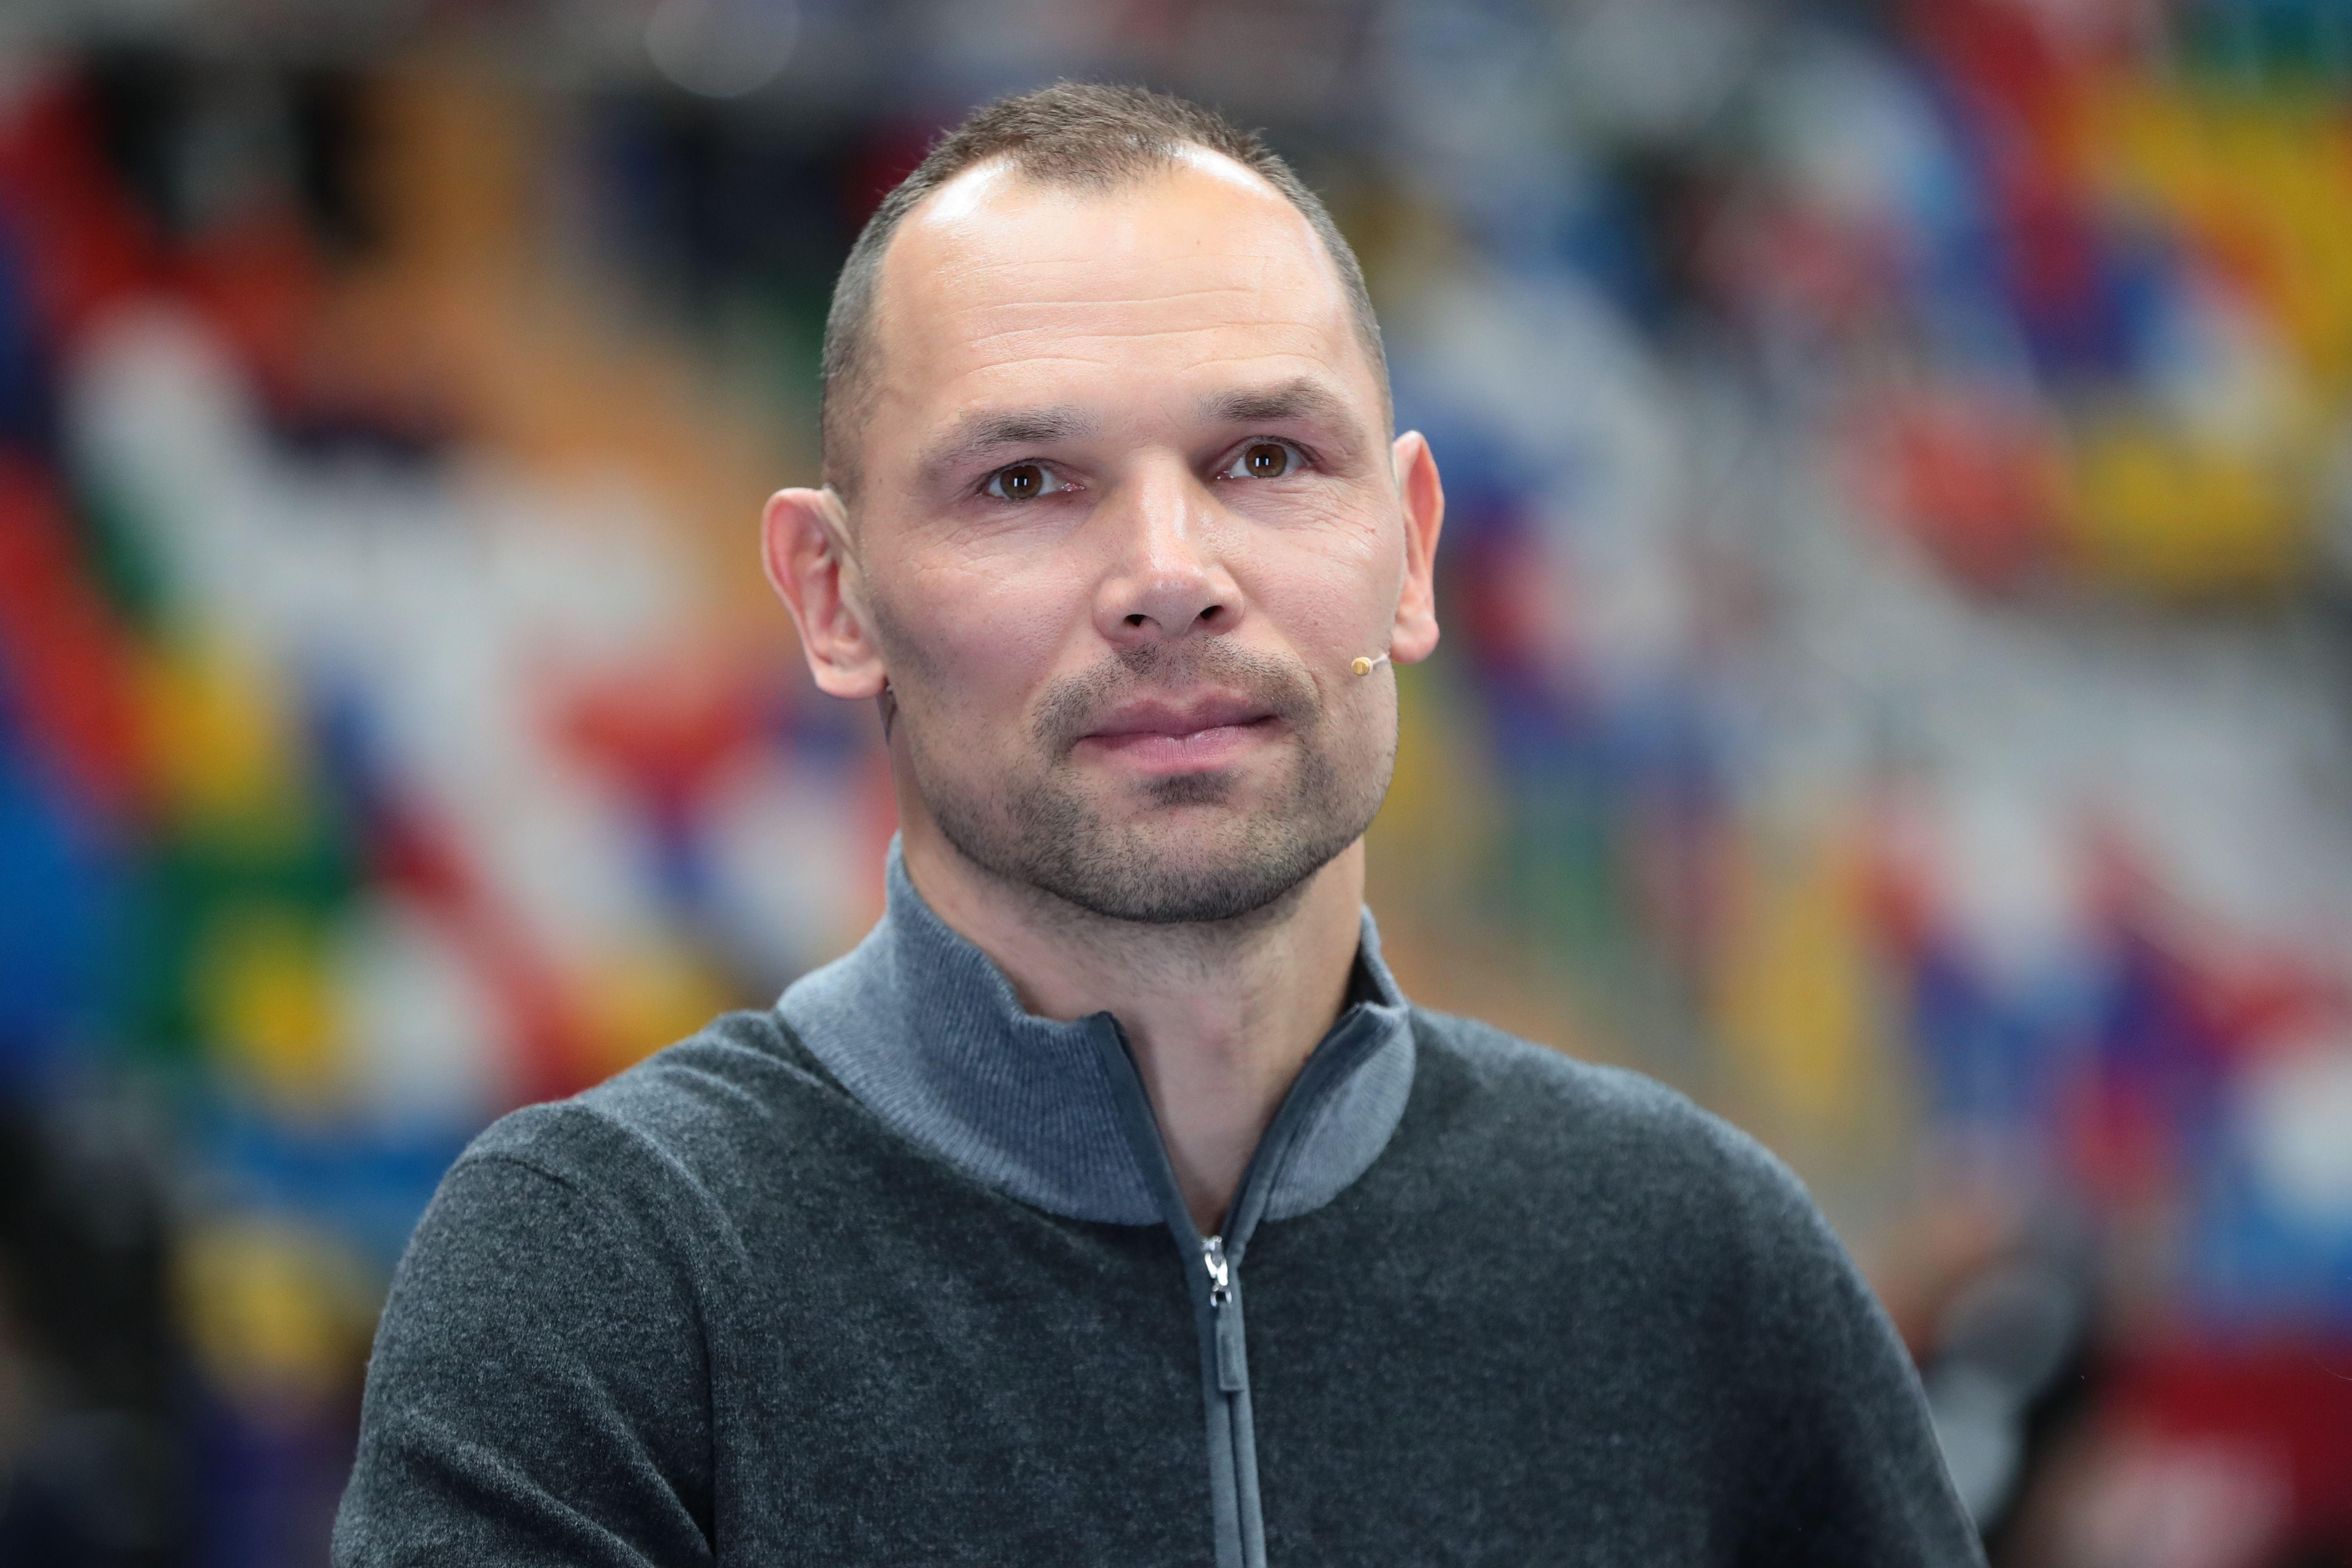 Главный тренер футбольного клуба «Торпедо» Сергей Игнашевич: «Торпедо» всегда ценило бойцовские качества